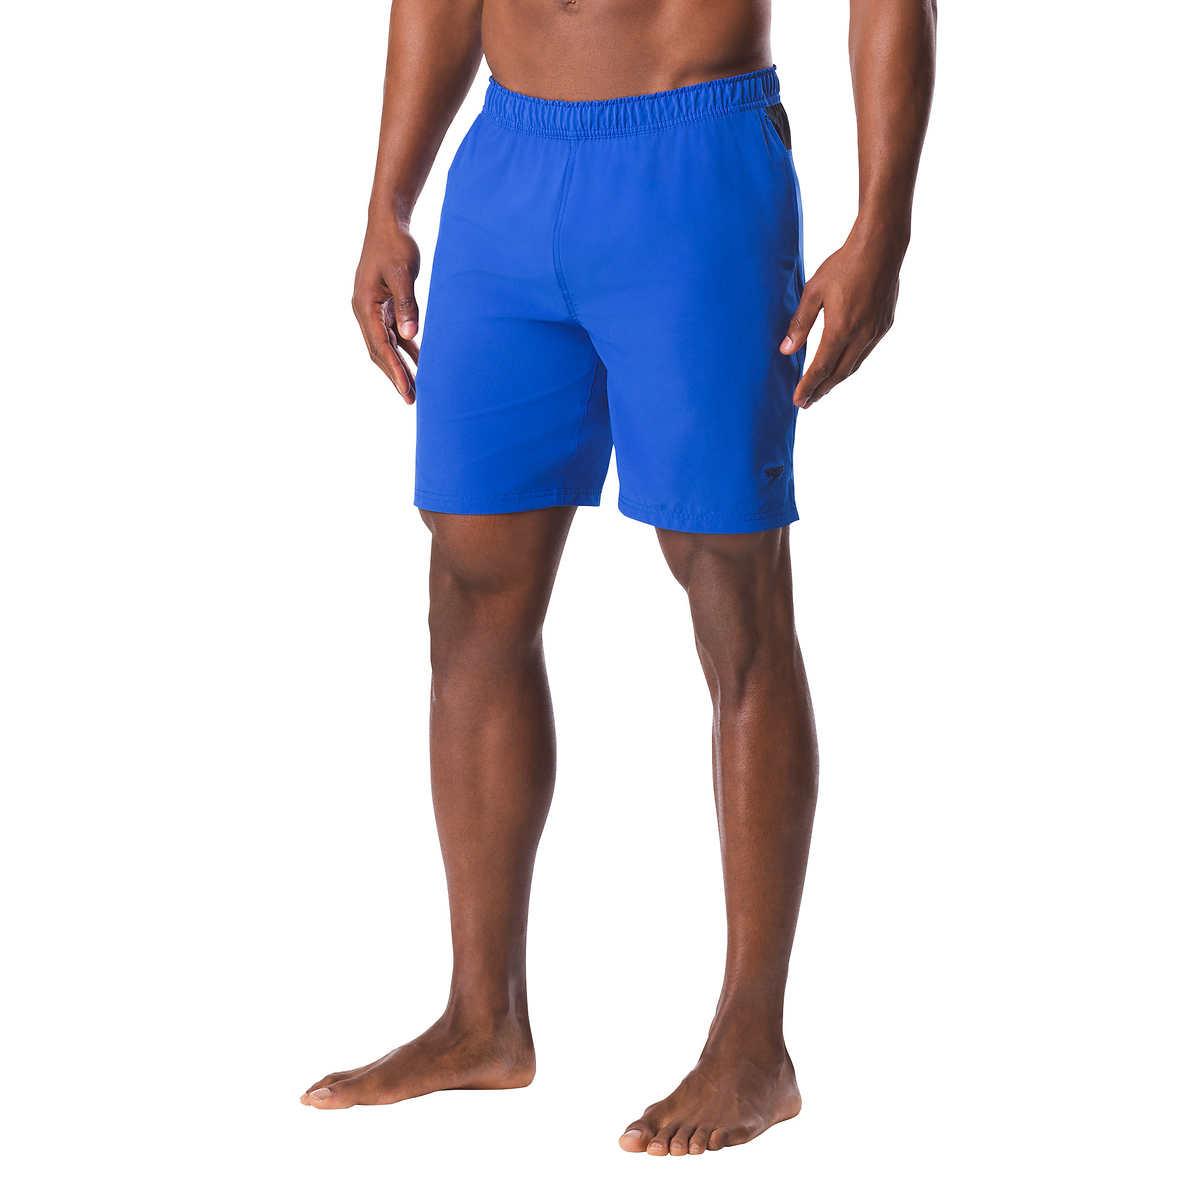 d363182778 Speedo Men's Volley Swim Short. lightblue 1 lightblue 1